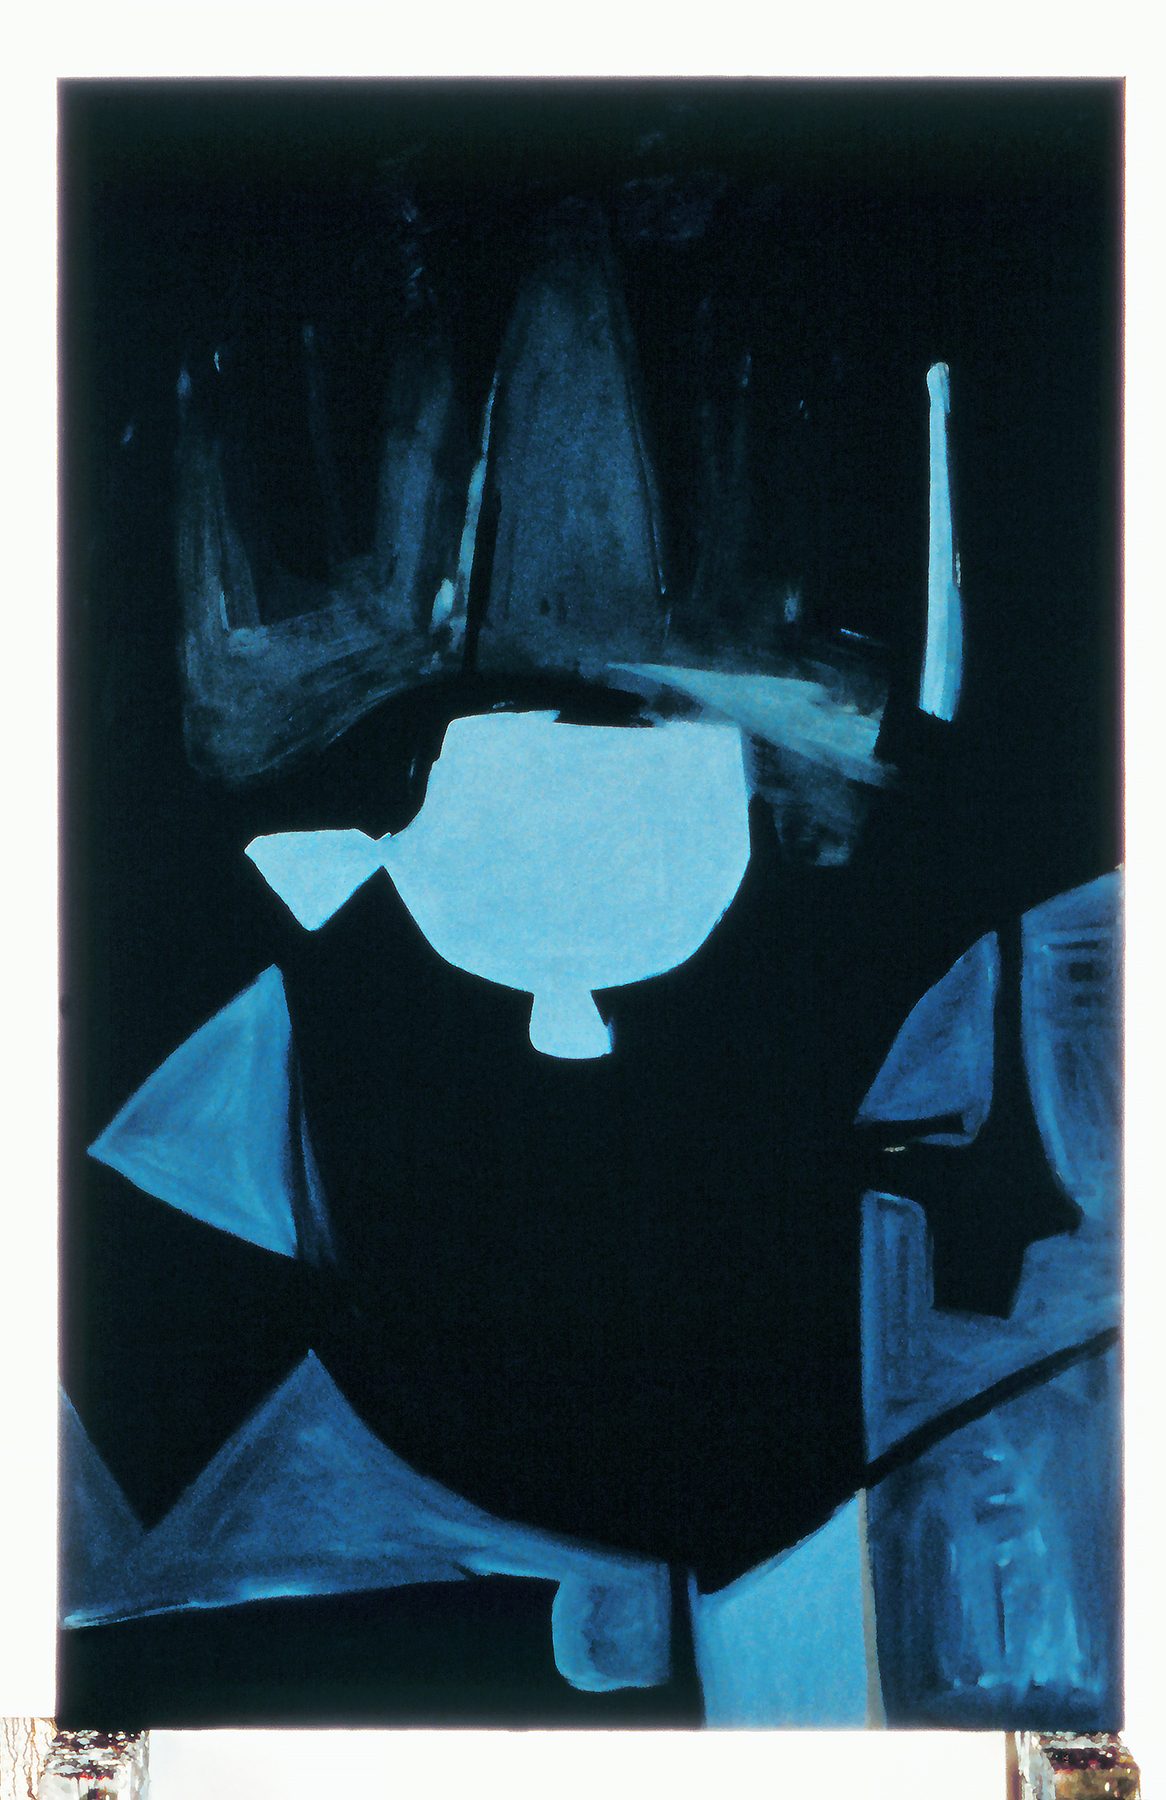 108 Plotek, Leopold Blue Biscayne 1993-2012 138257.jpg